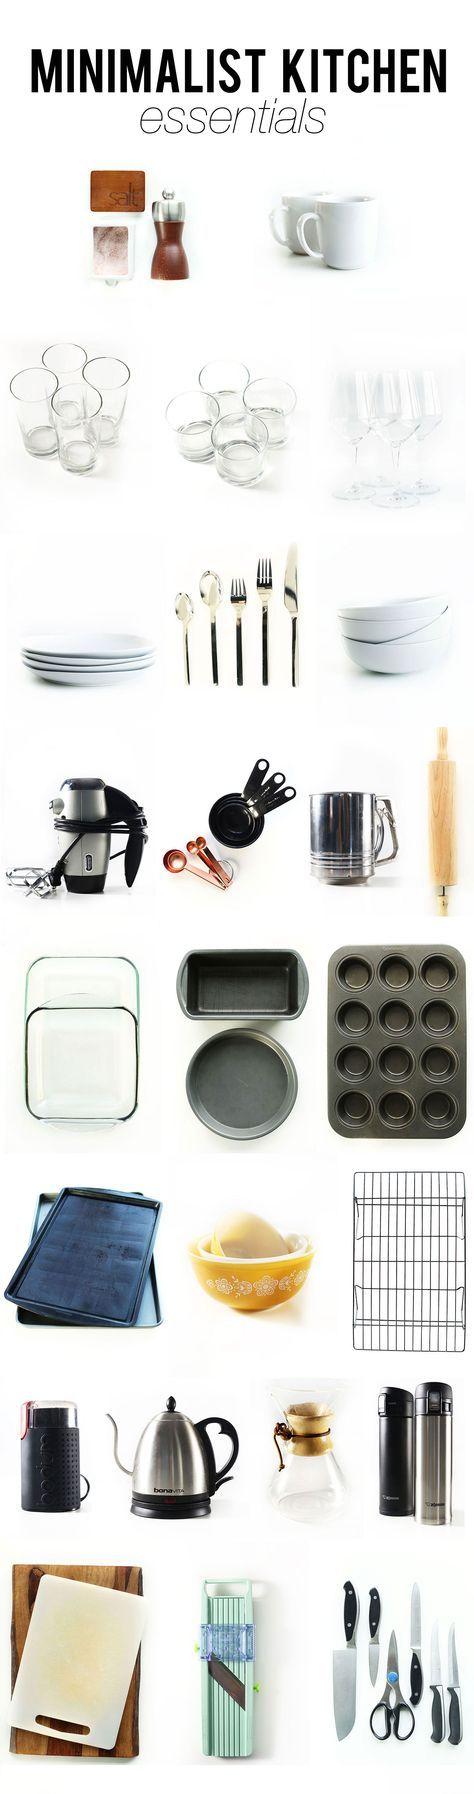 Uncategorized List Of Kitchen Utensils And Appliances best 20 kitchen essentials list ideas on pinterest our top to bottom minimalist httpminimalistbaker